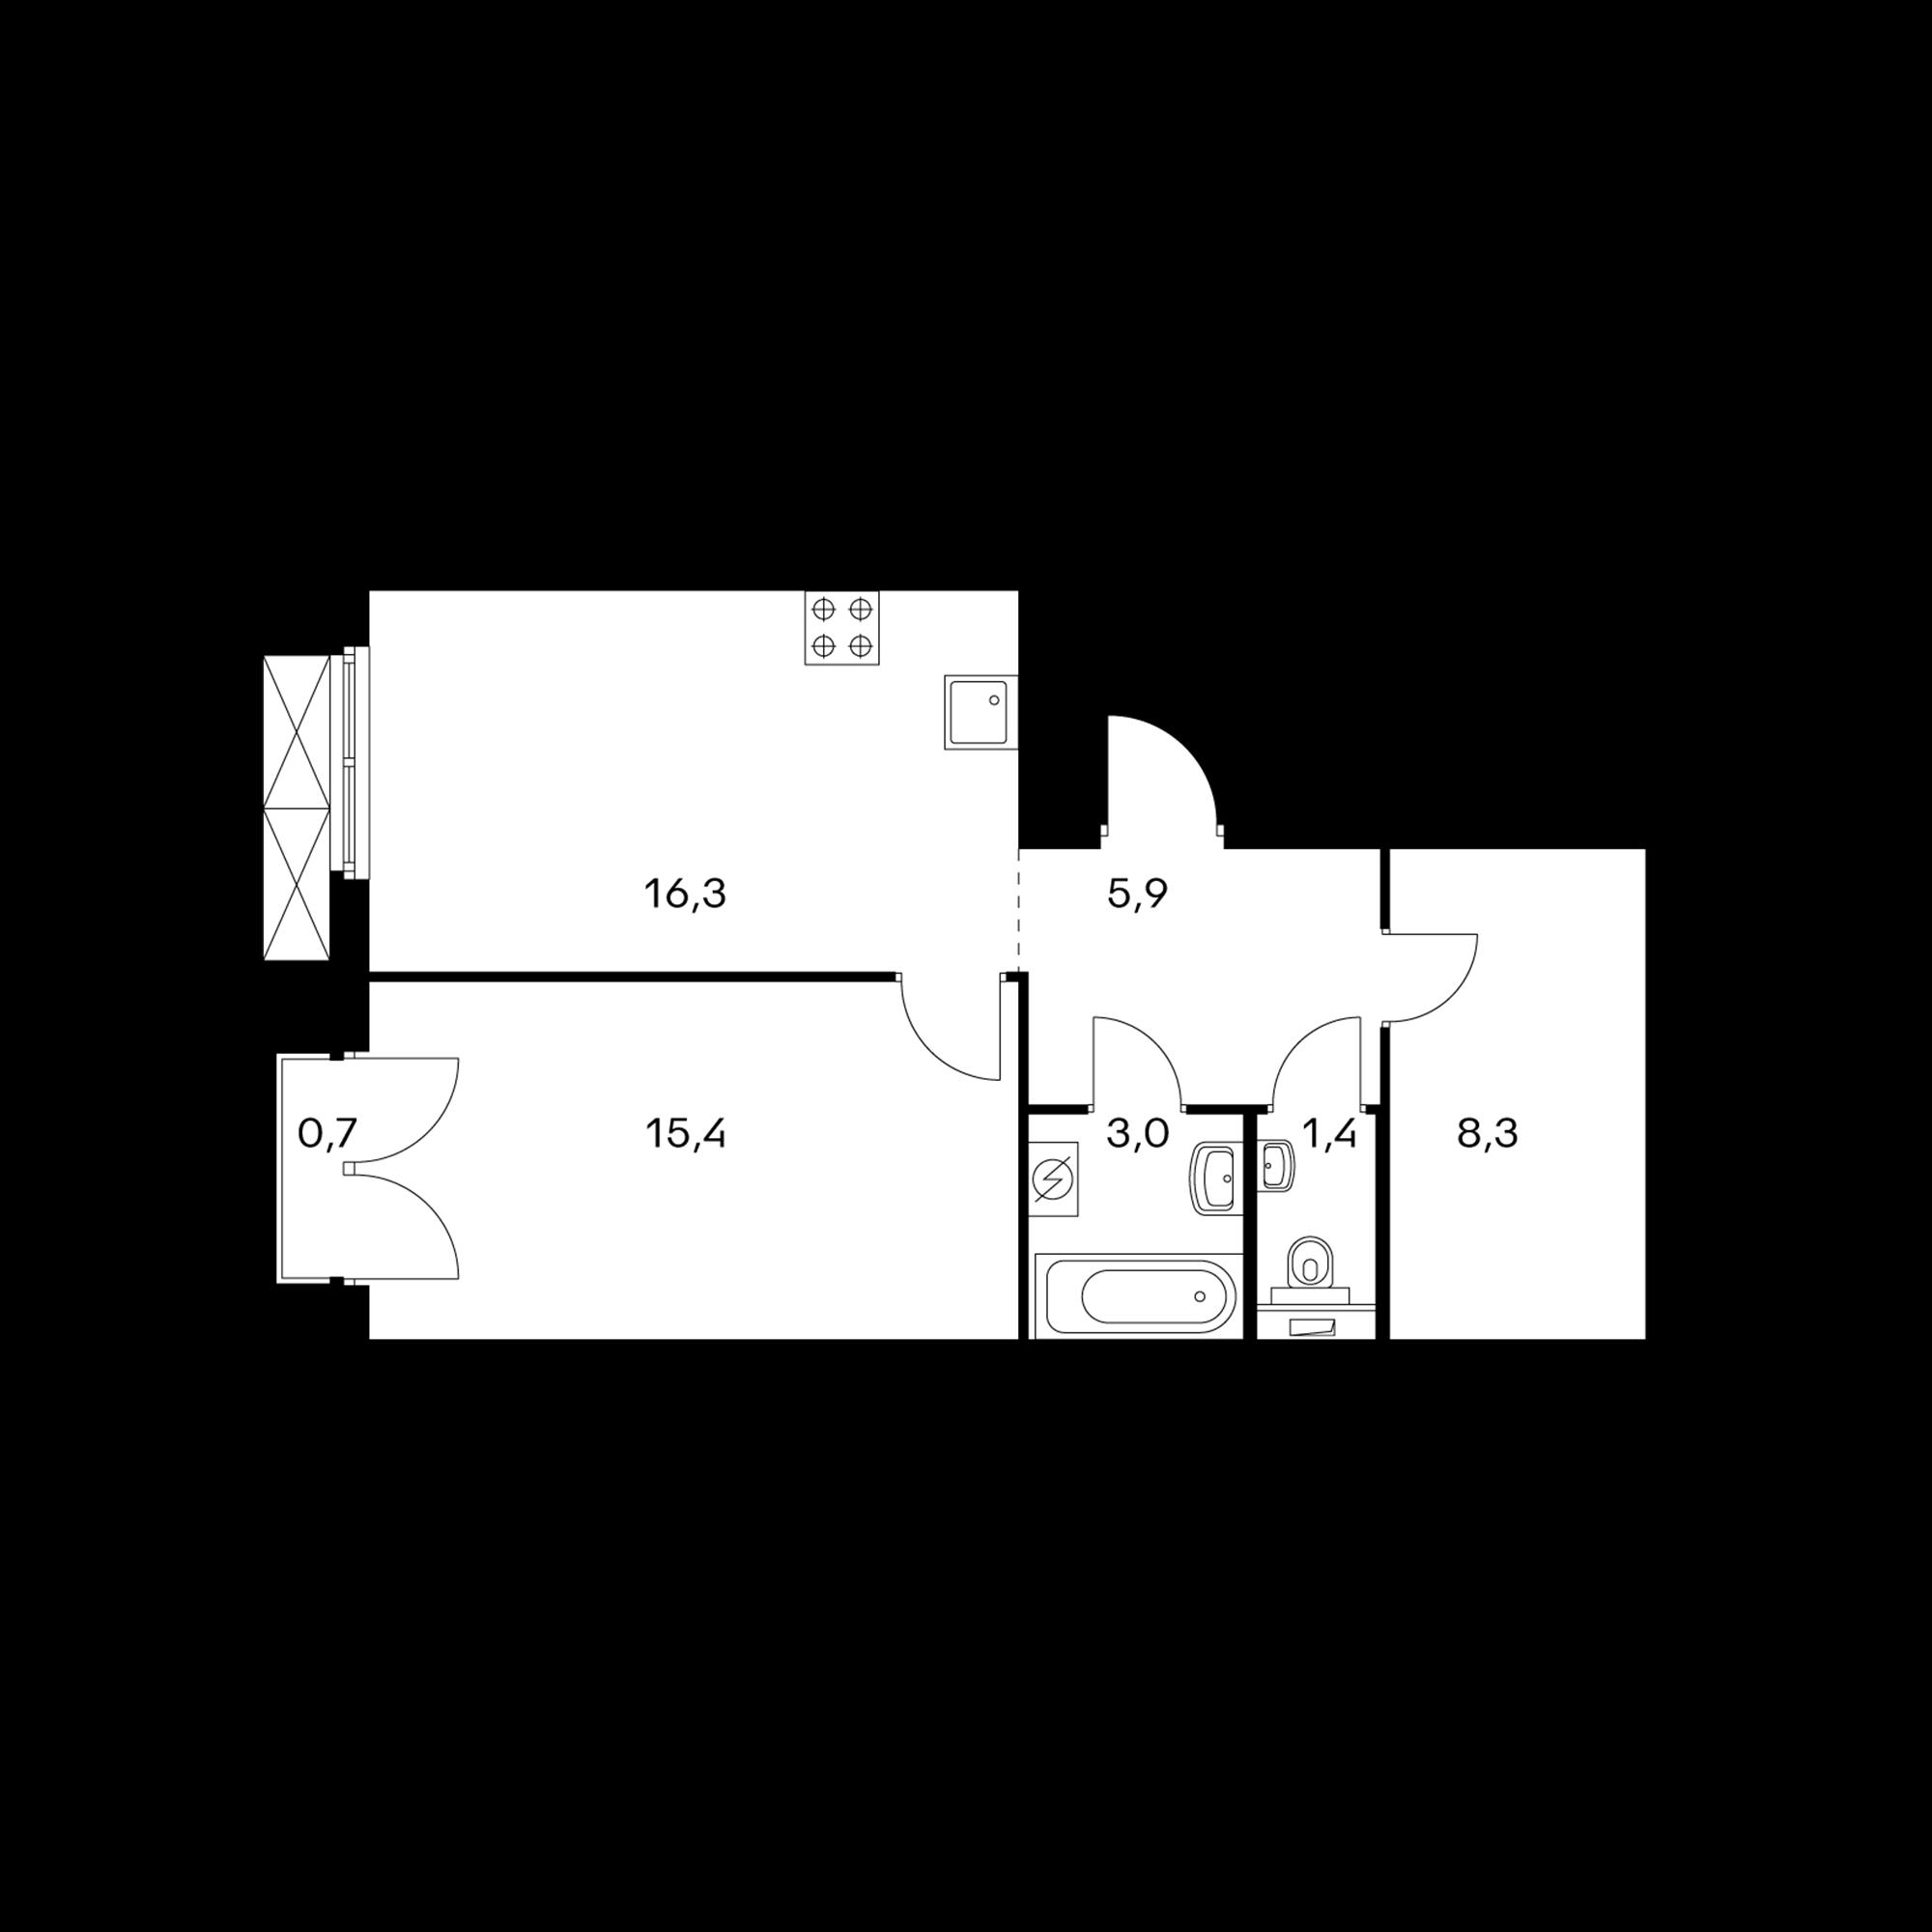 1EL21_10.5-1_B1*